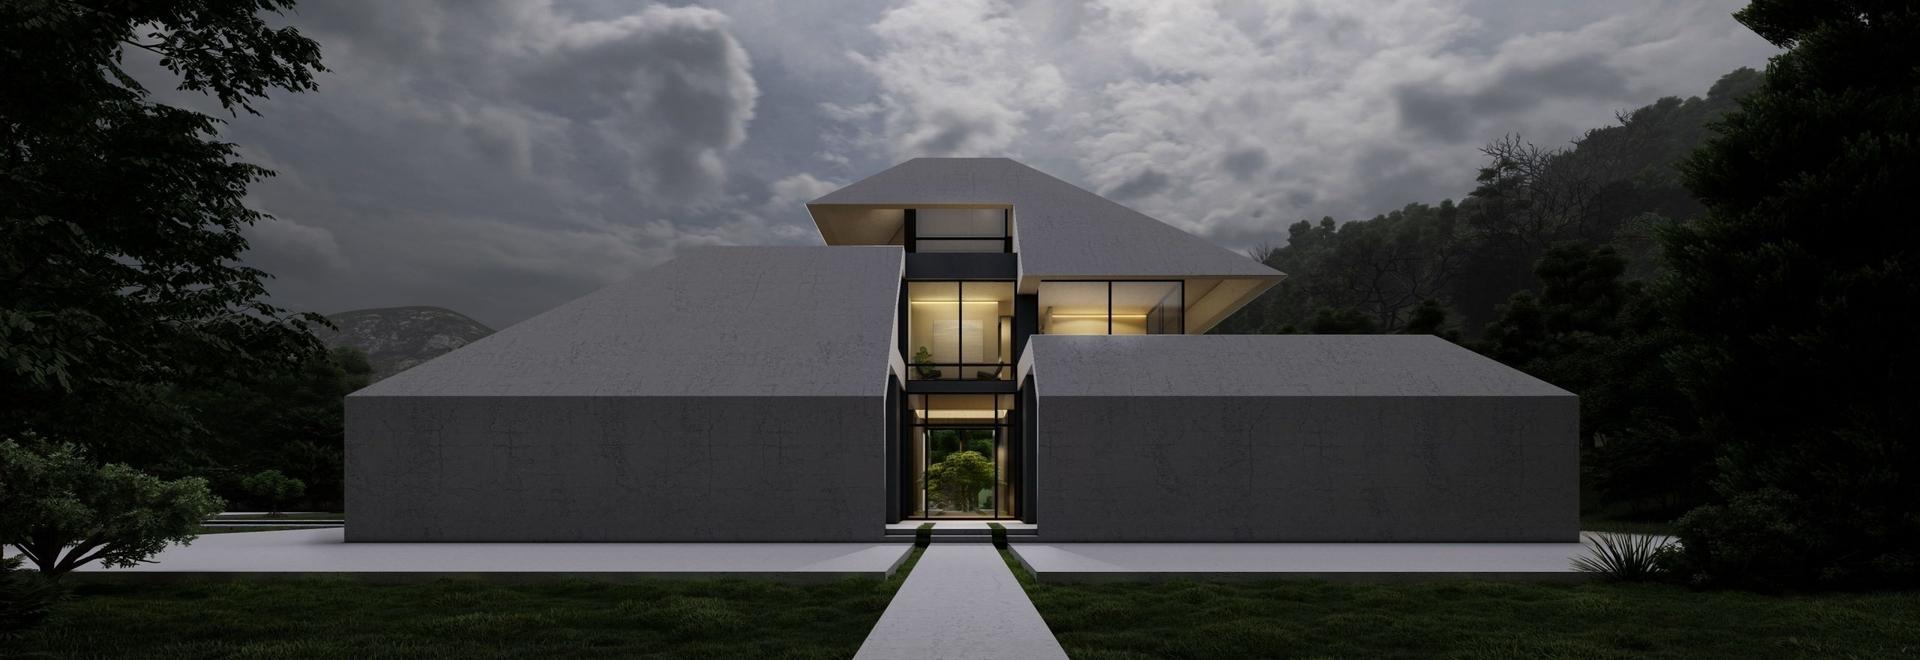 """La région humide et pluvieuse de l'Iran est à l'origine de la villa """"gilak"""" à pignon de Team Design Group"""